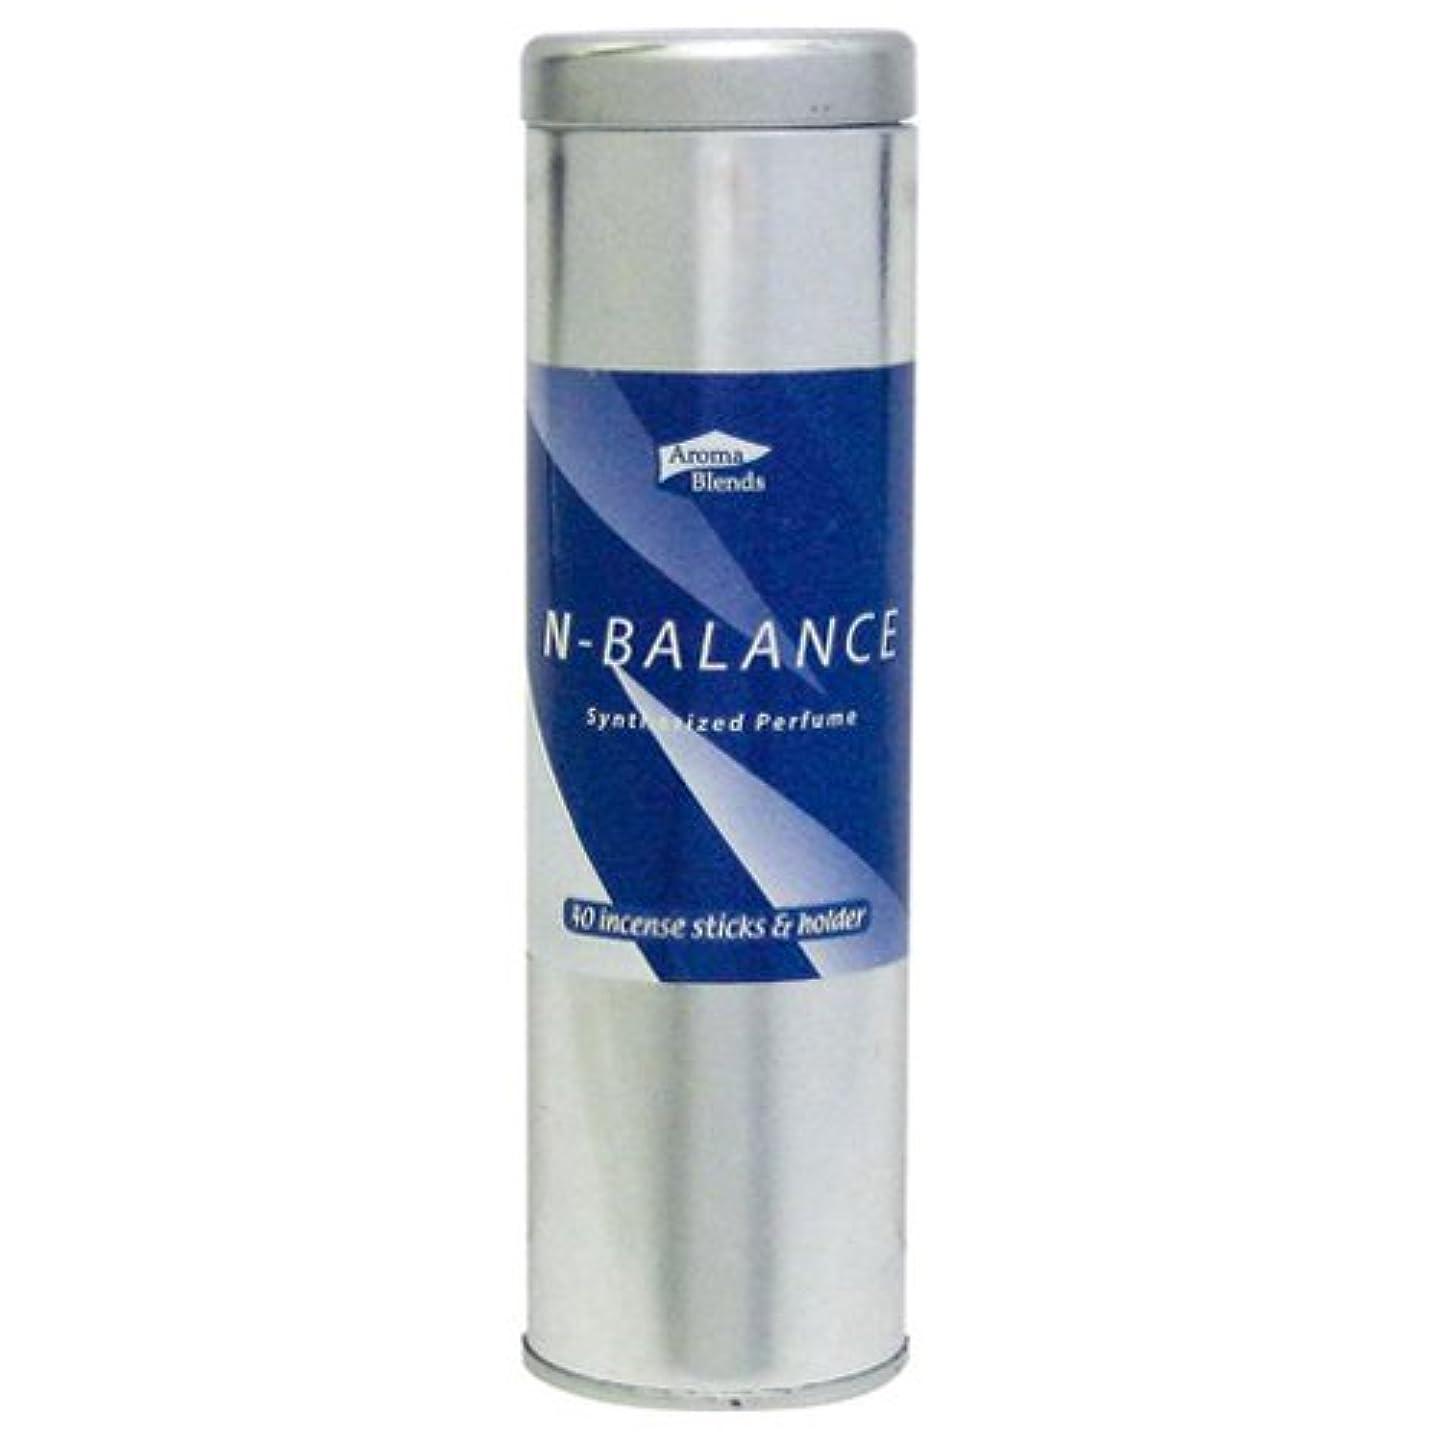 厳しいガイドライン定義するAB-CIS-4 シンセサイズドパフューム アロマブレンド 缶インセンススティックセット 6個セット Nバランス